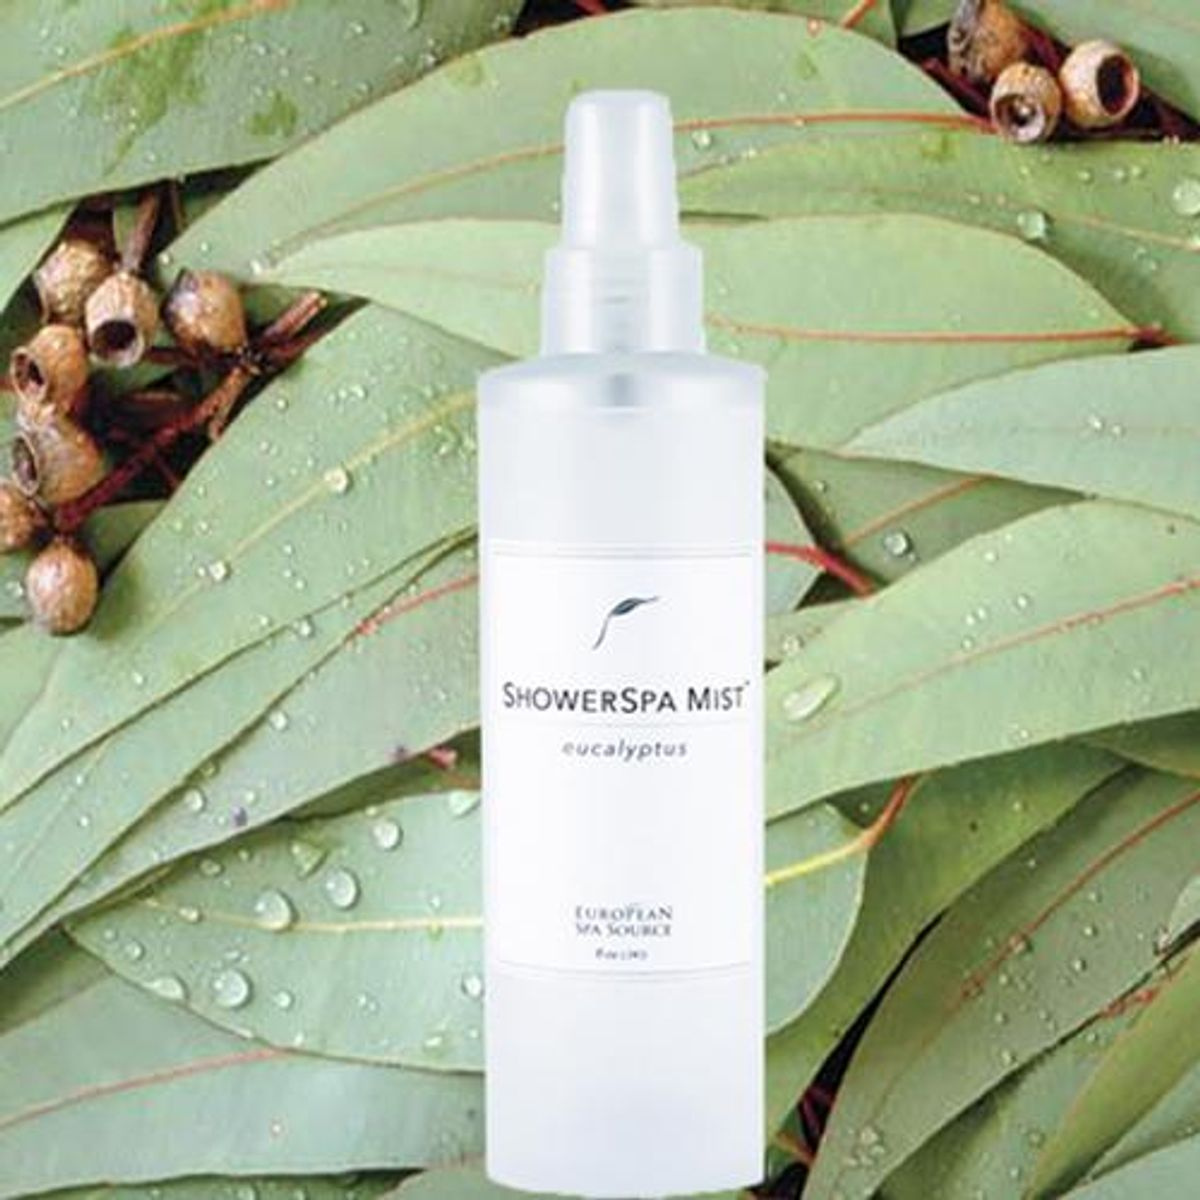 european spa service classic eucalyptus showerspa mist